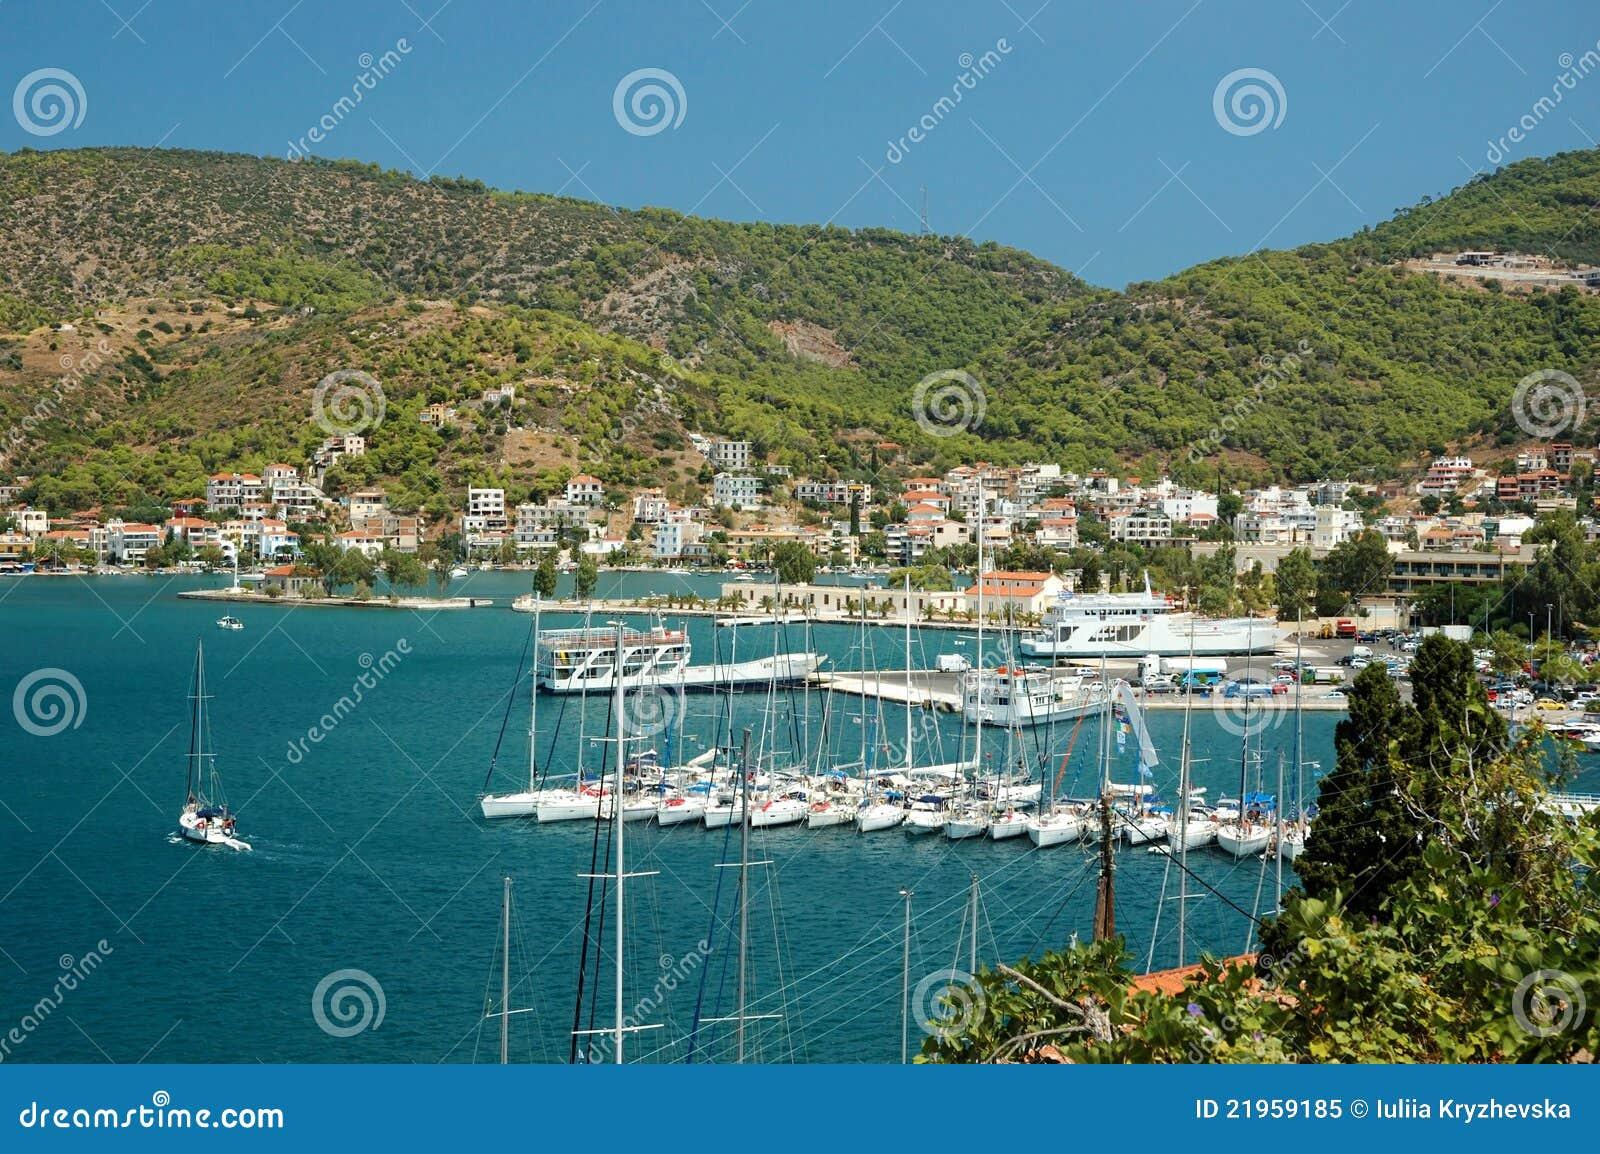 Jachthaven bij eiland Poros in Egeïsche overzees, Griekenland